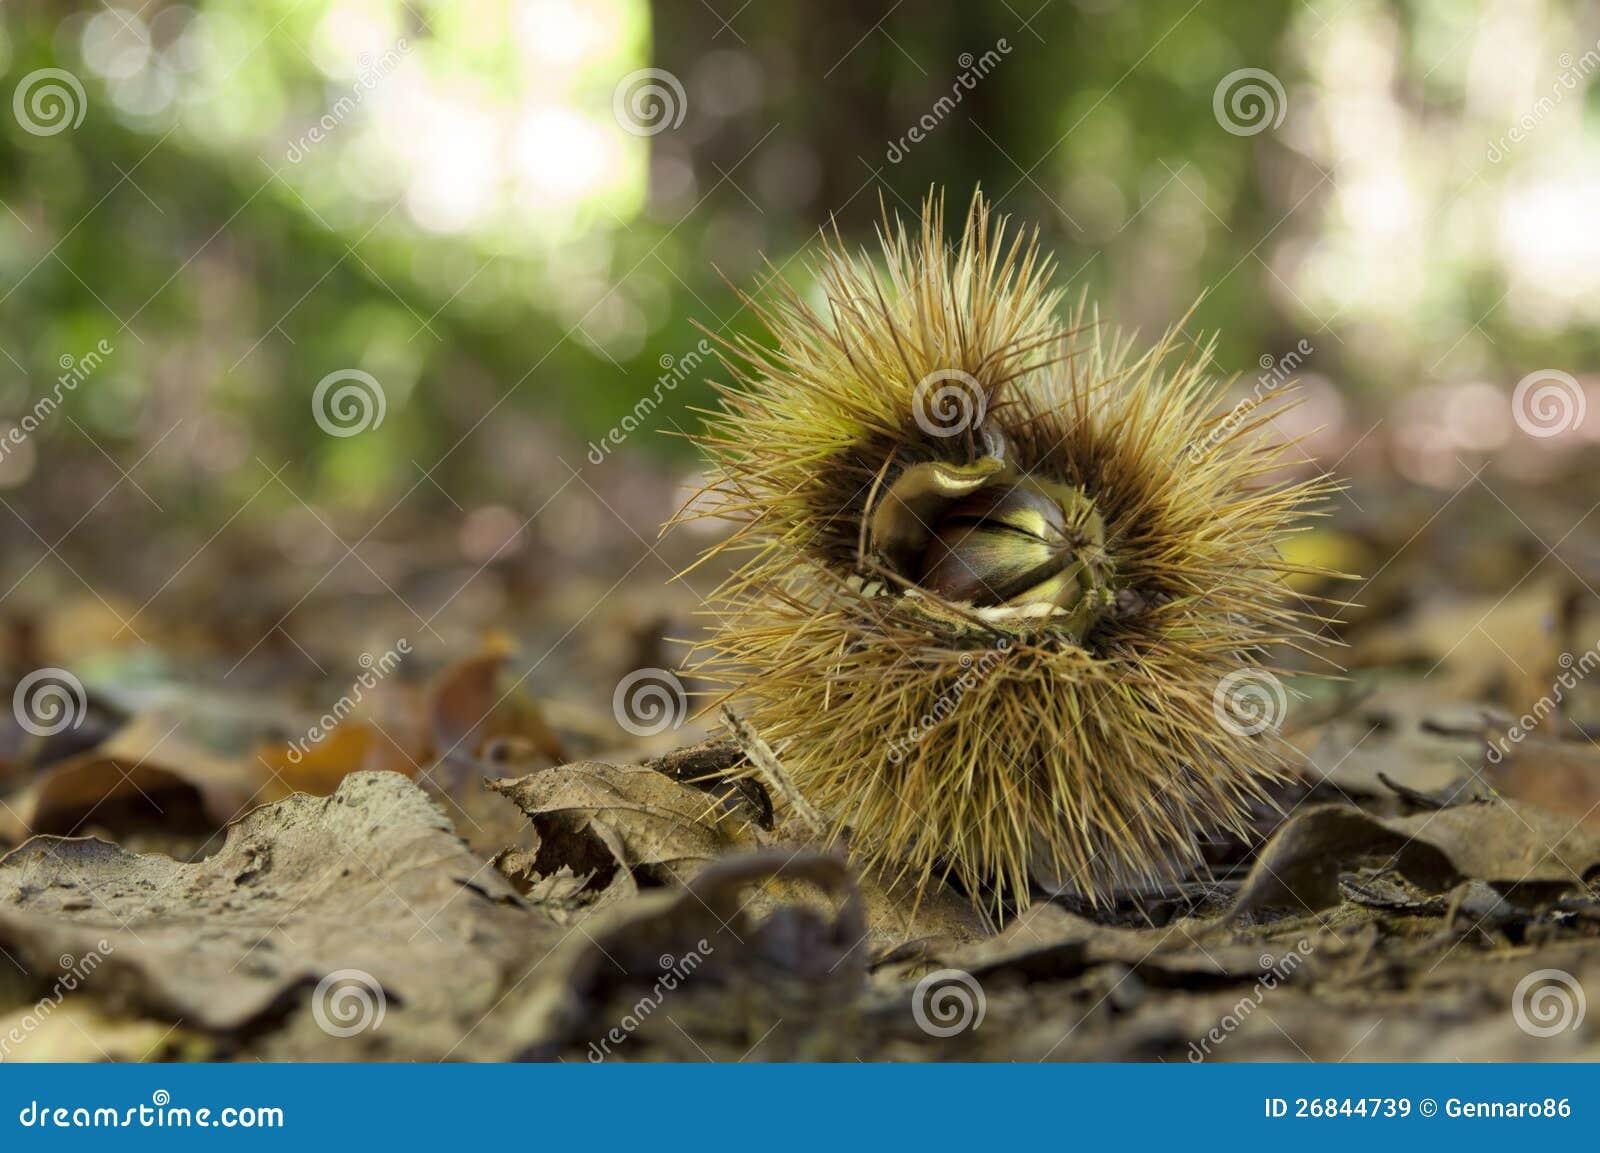 Kastanjebrun husk i undervegetation